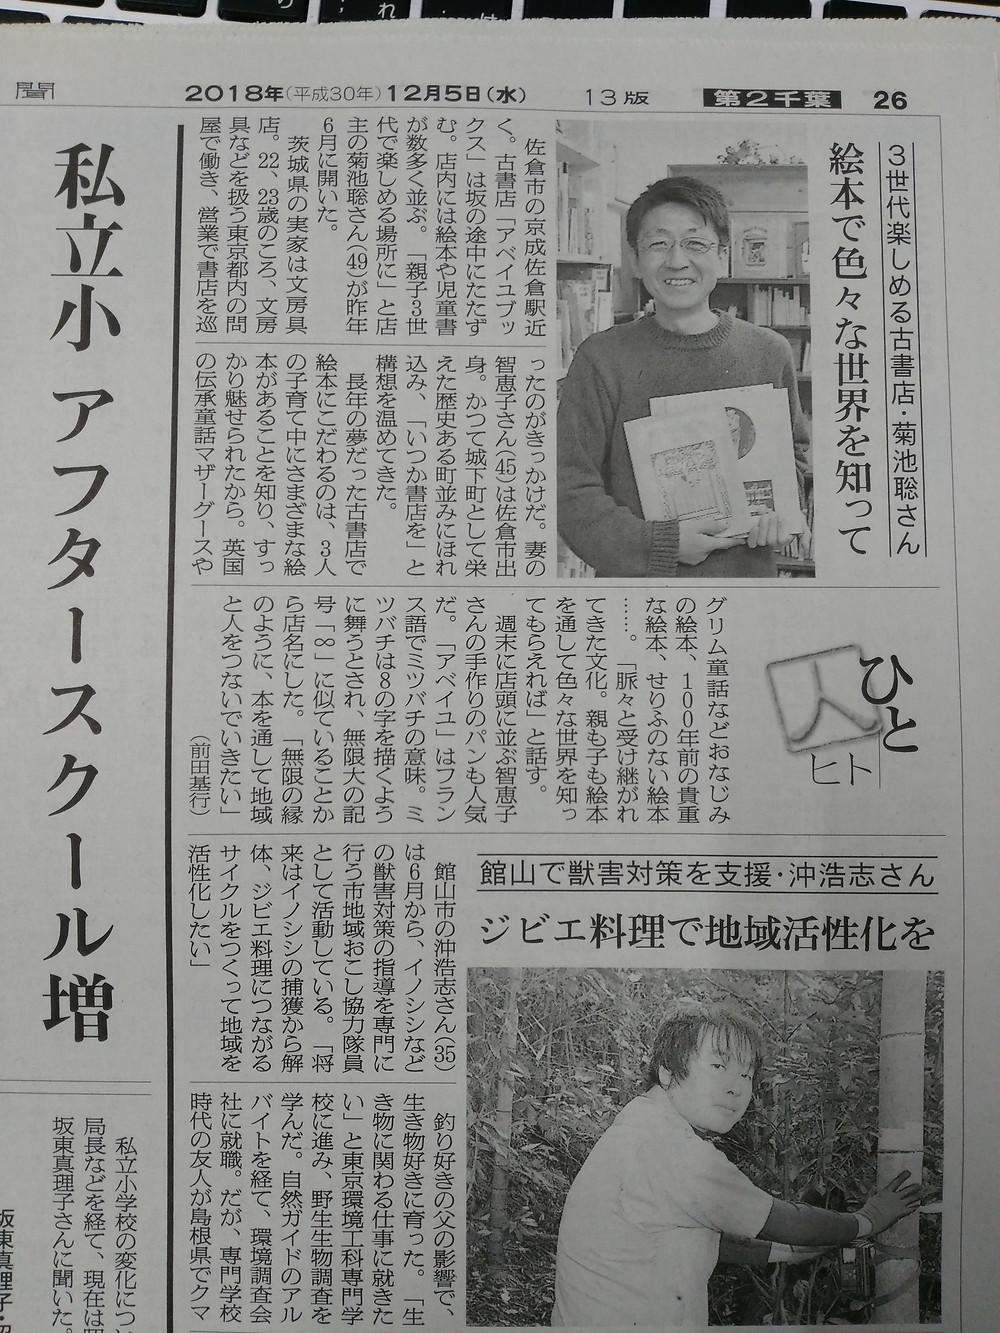 朝日新聞記事画像